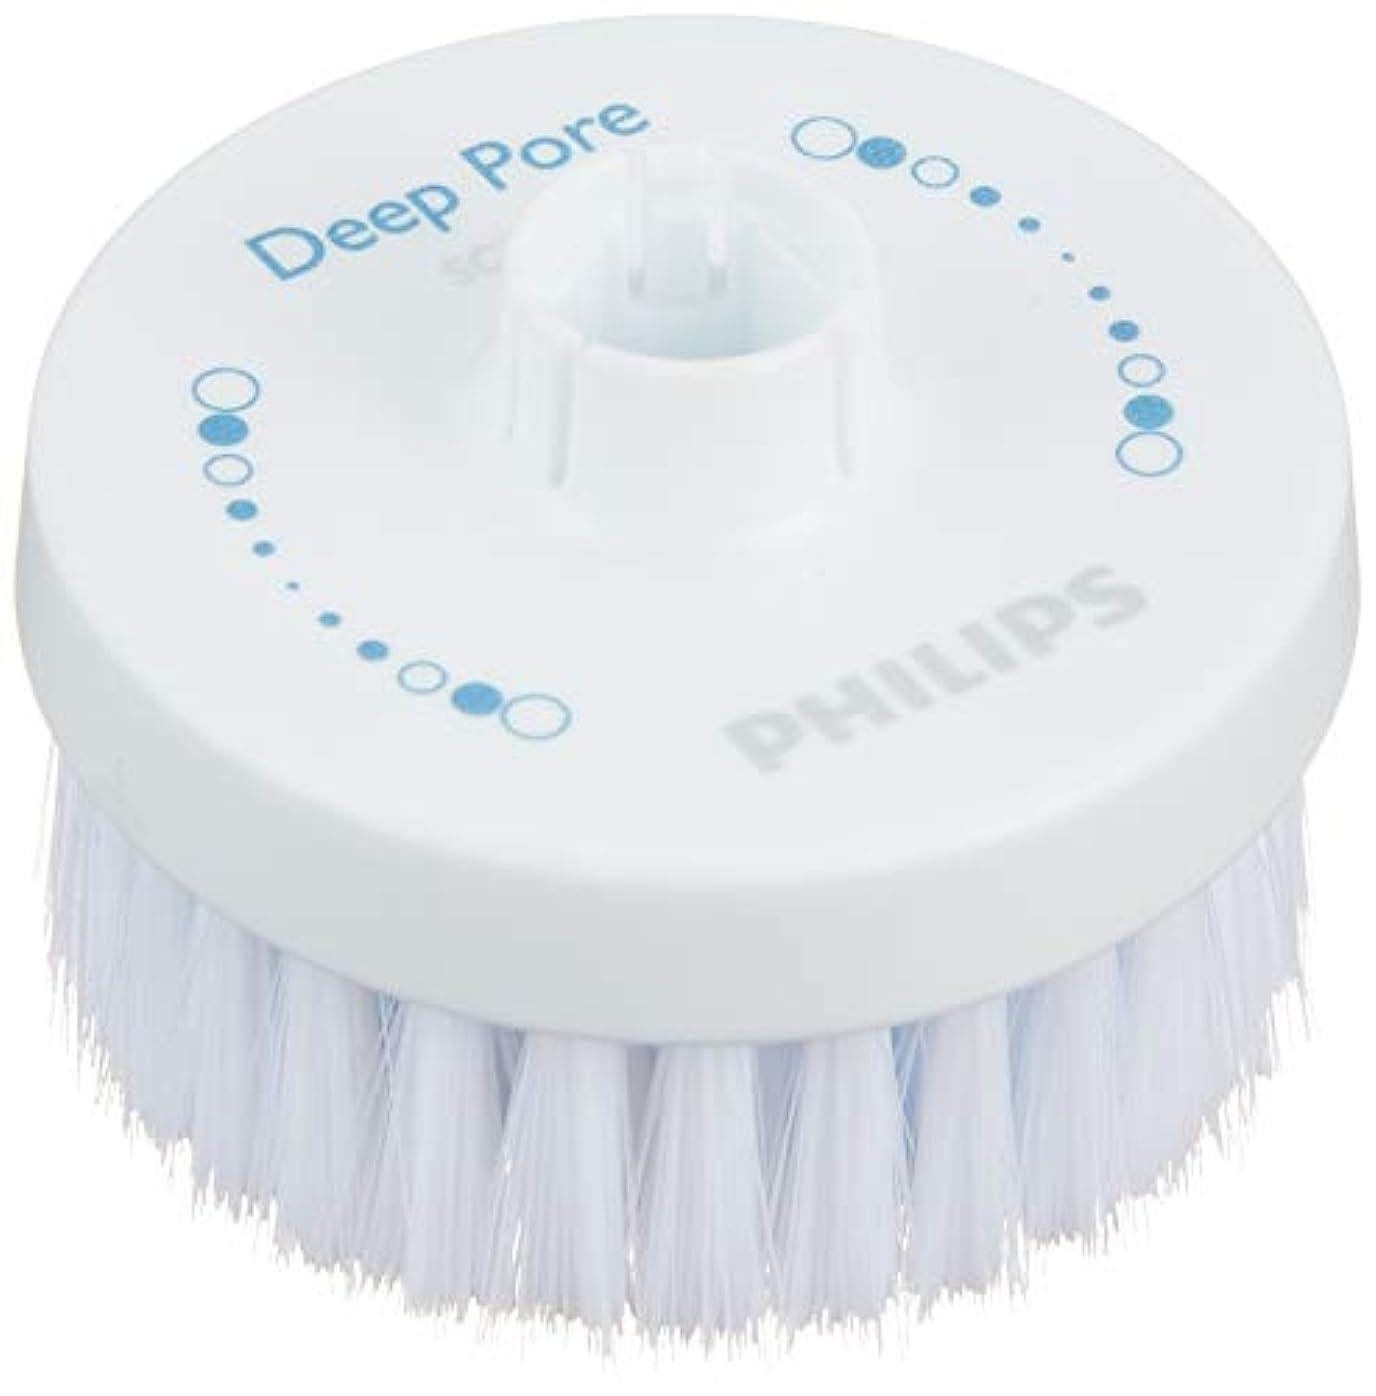 ライド仕様深さフィリップス 洗顔ブラシ ビザピュア 毛穴ディープクレンジング ブラシ SC6026/00